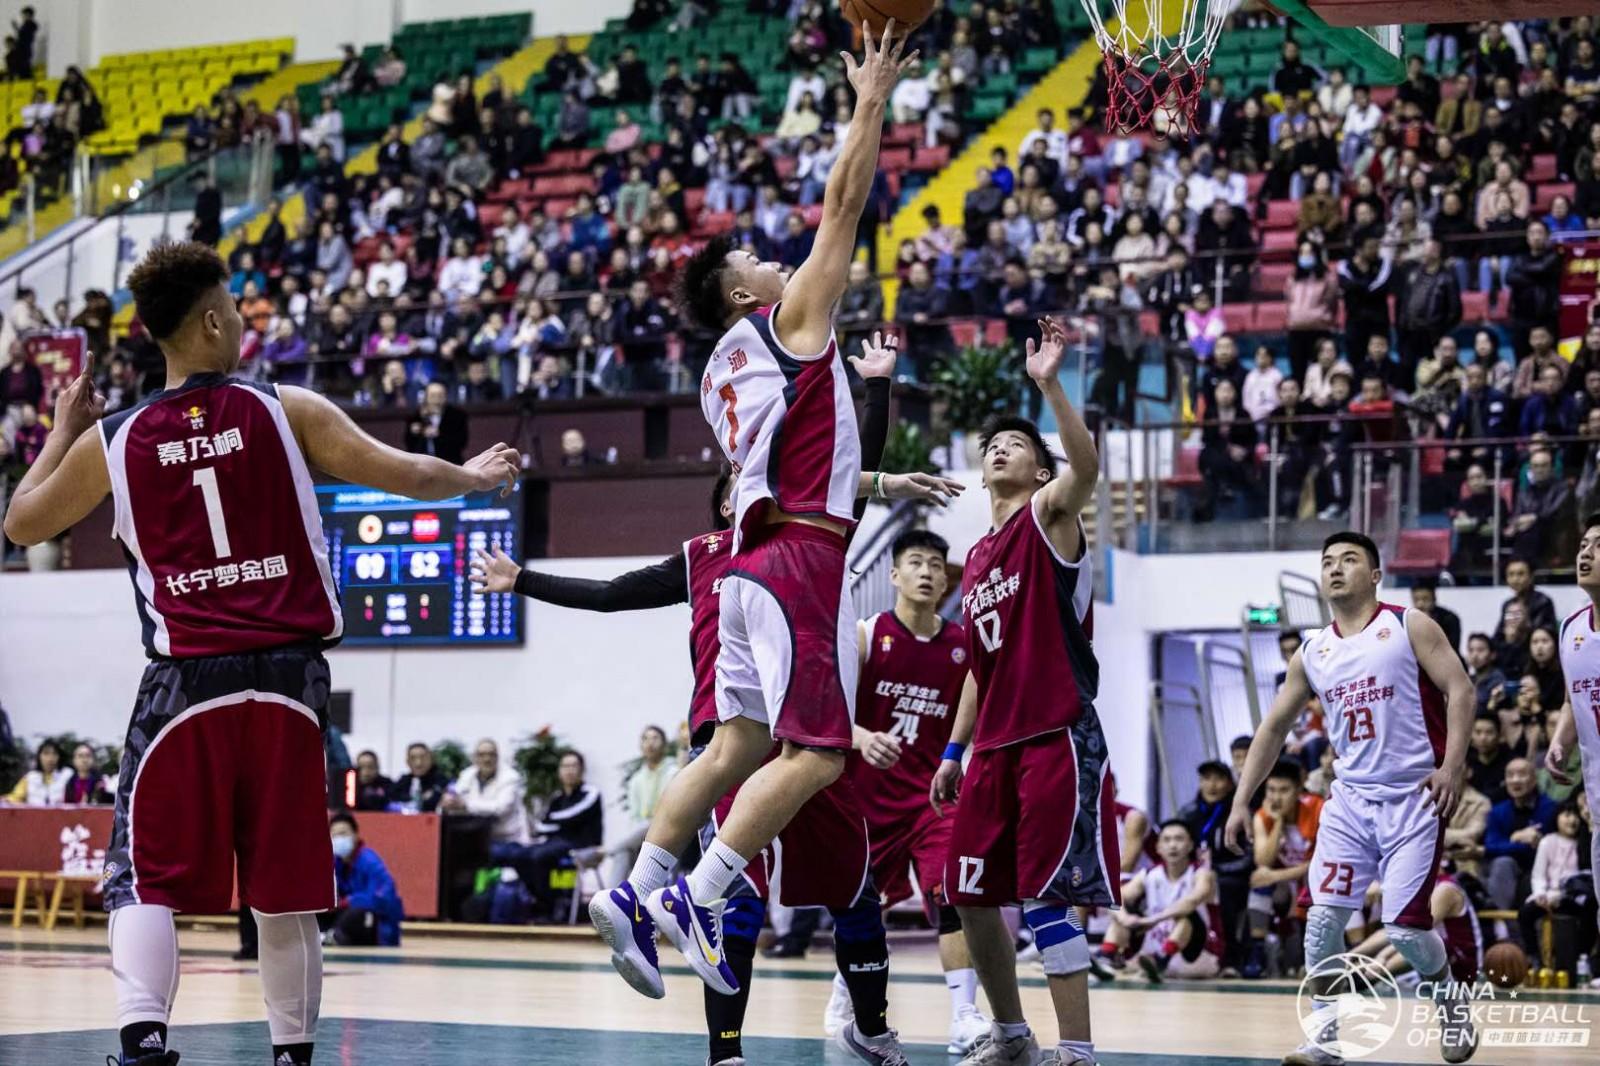 2020中国篮球公开赛打响,数千名球迷到现场观战